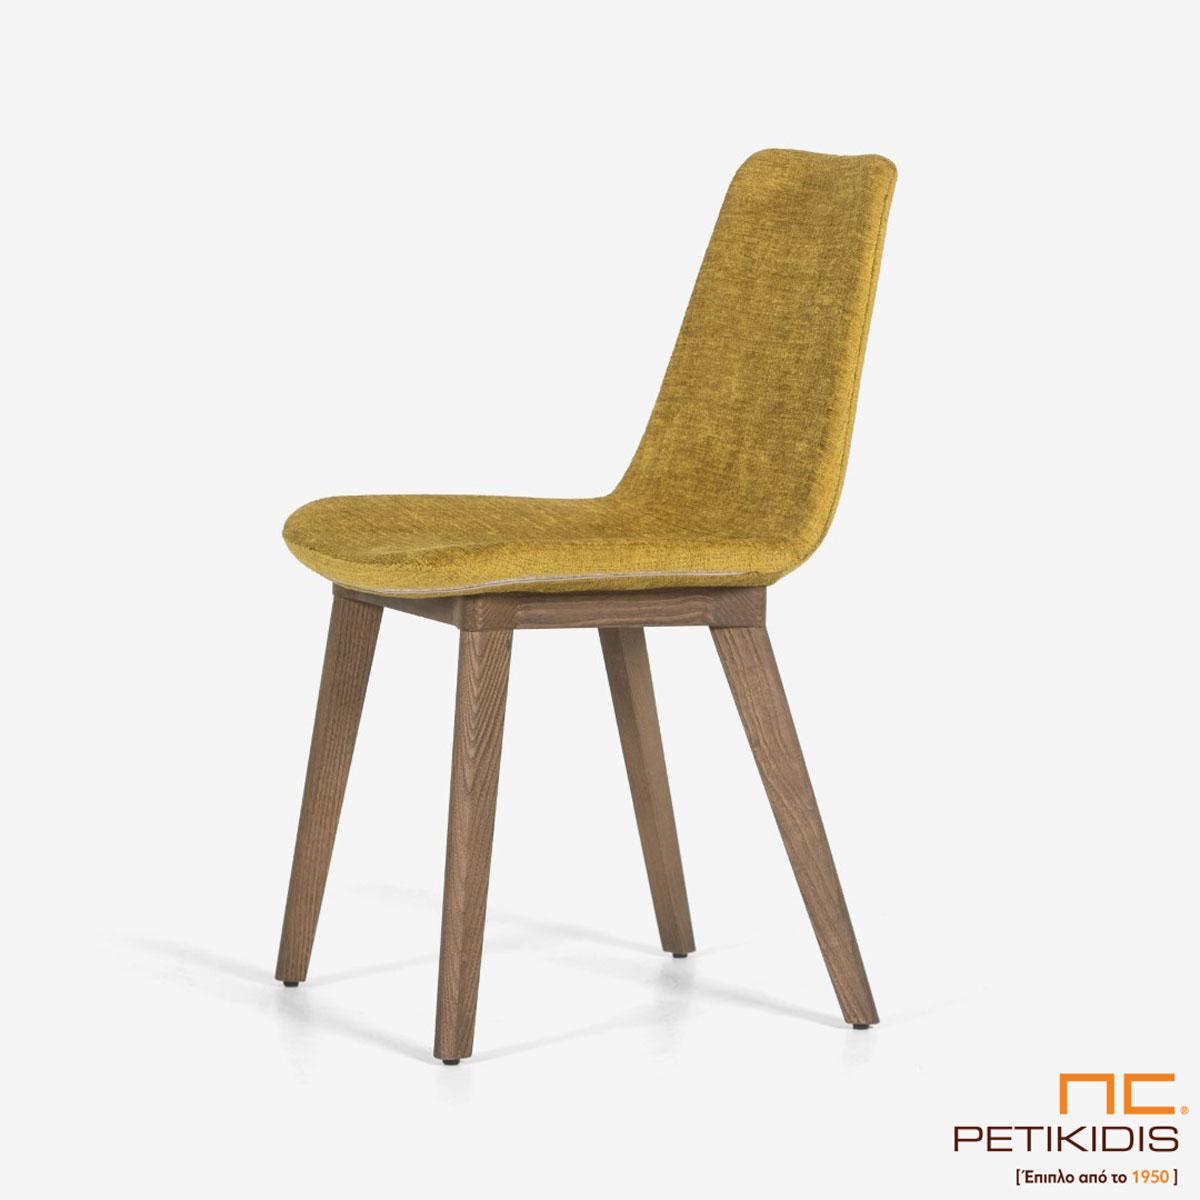 Καρέκλα Pilla A92 με μασίφ ξύλινη βάση και ύφασμα σε κίτρινο χρώμα αδιάβροχο και αλέκιαστο.